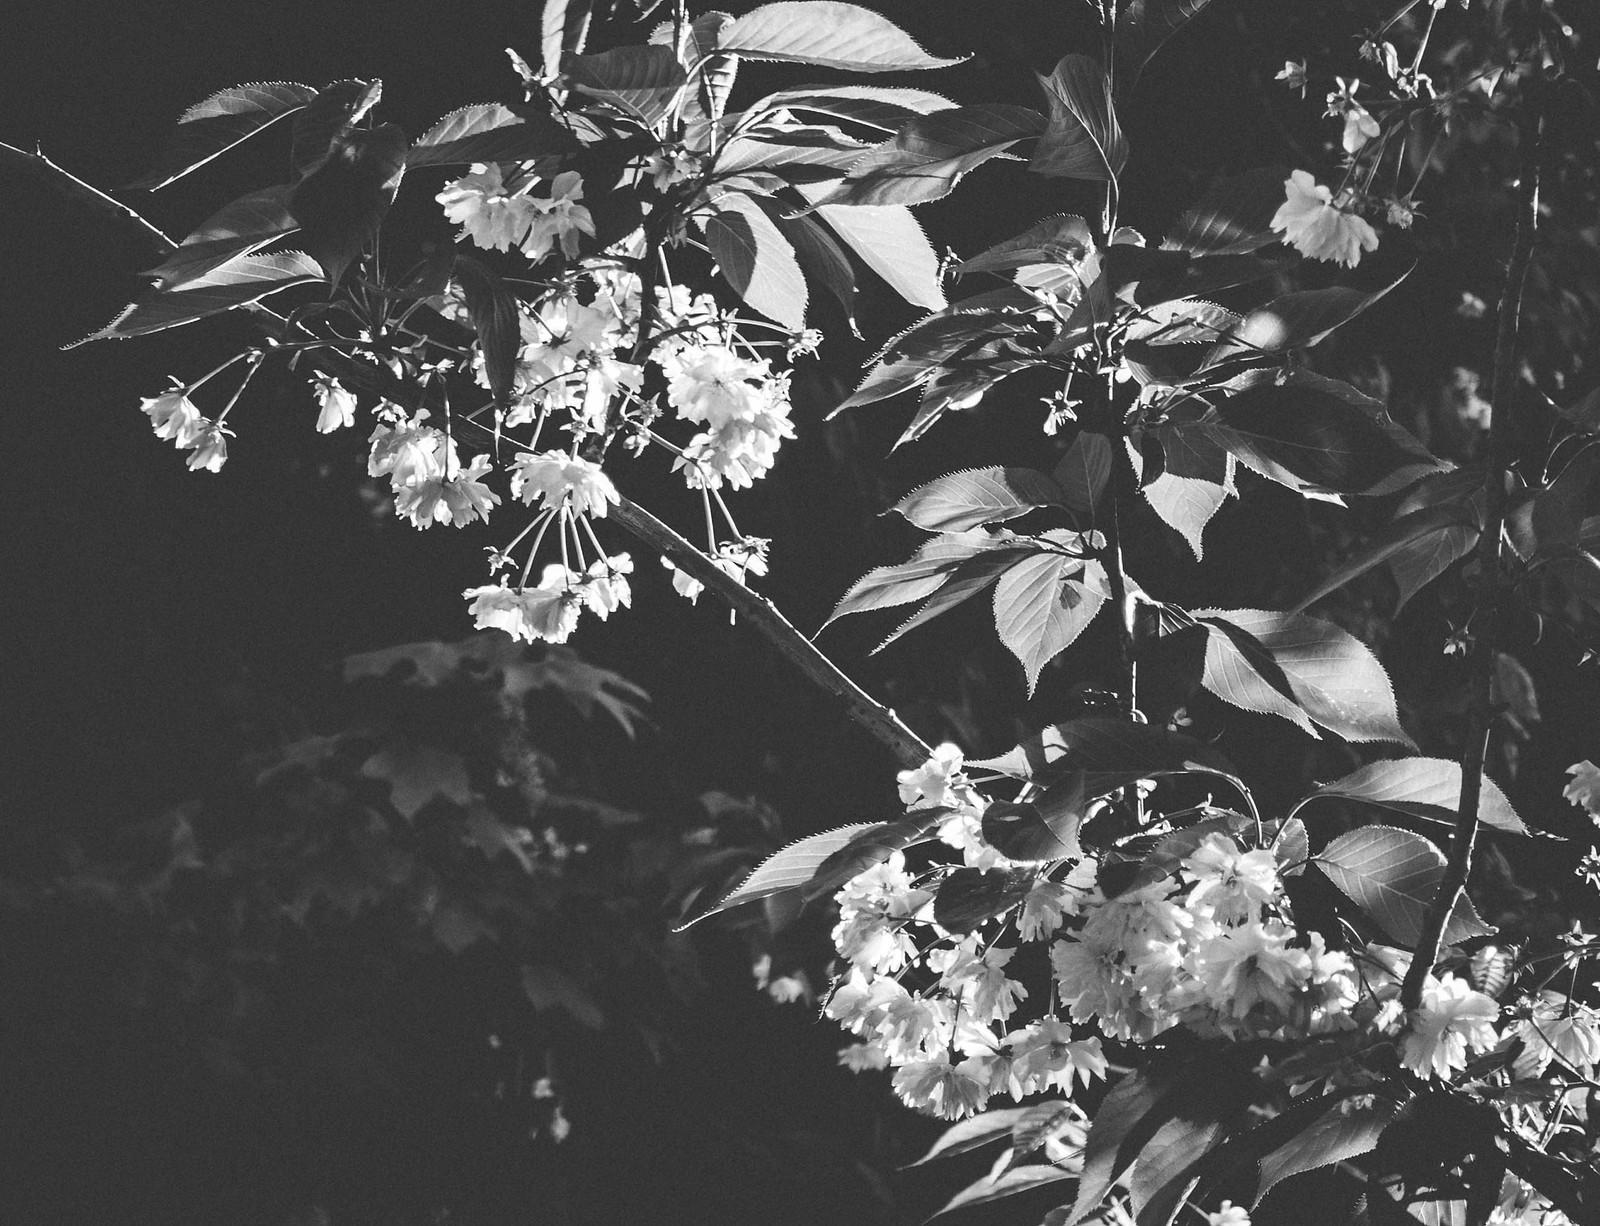 Blossom. theground vintage blossomtree, Nikon D7100, AF-S DX Zoom-Nikkor 17-55mm f/2.8G IF-ED